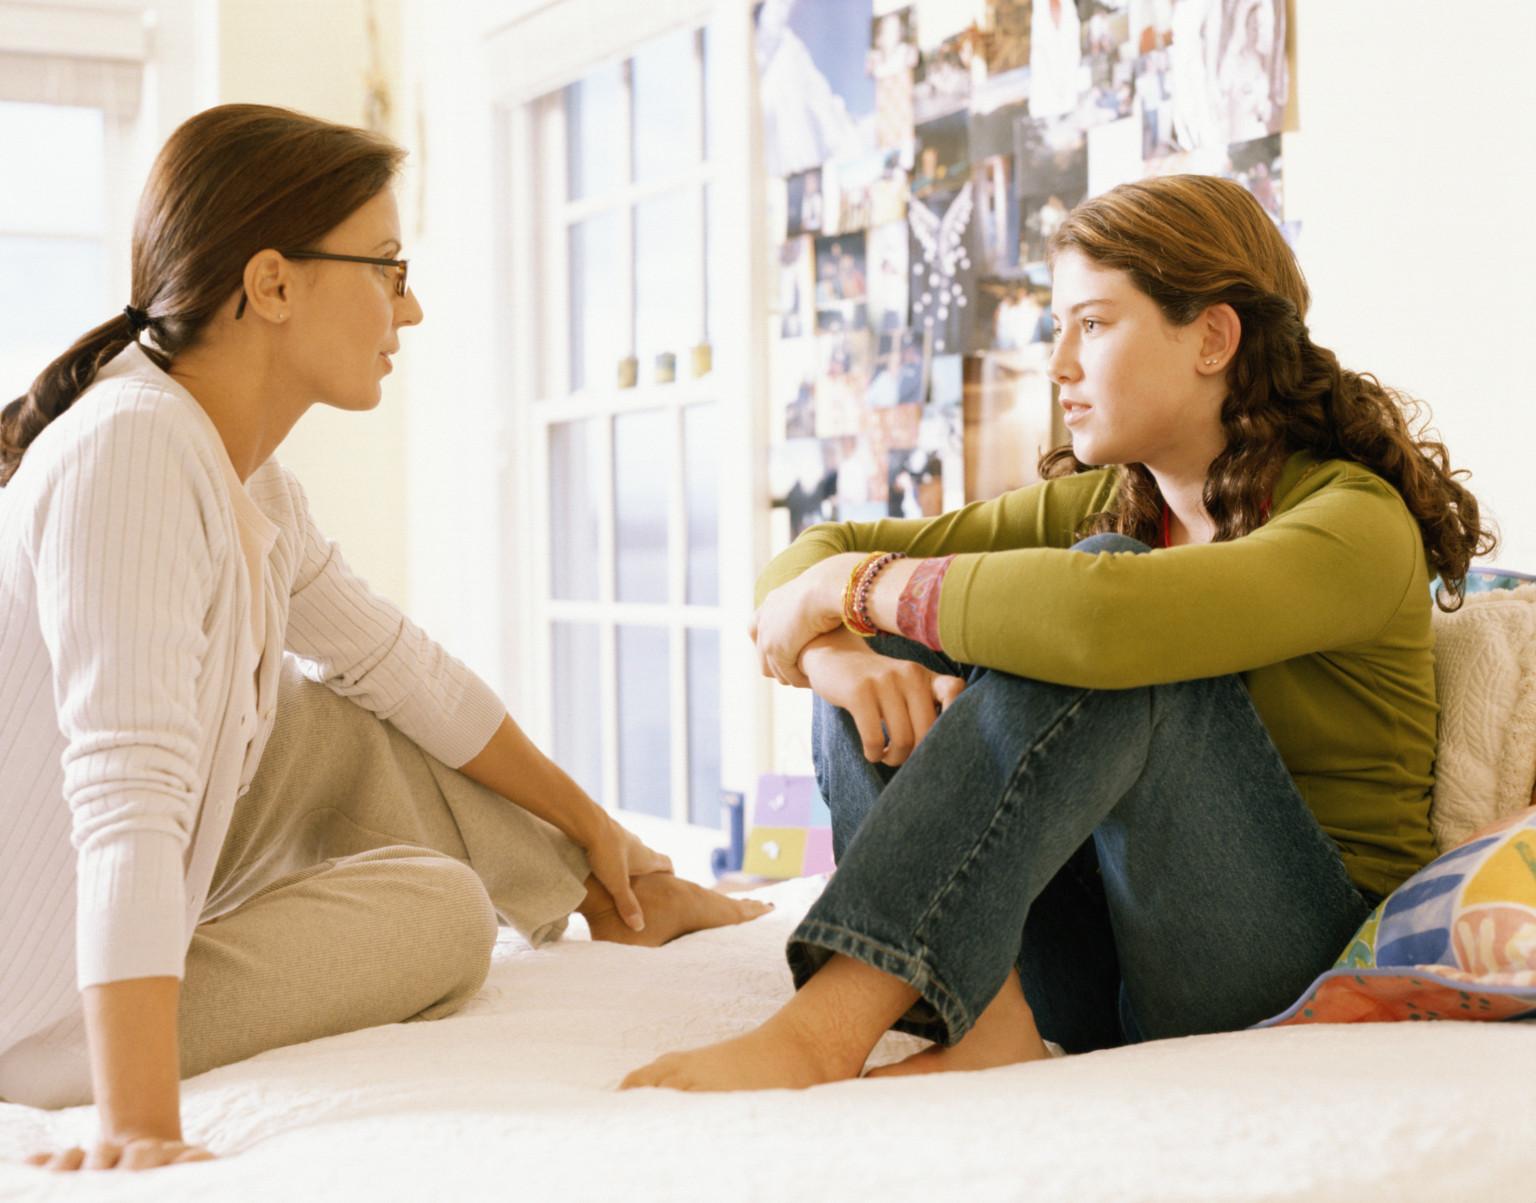 o-MOM-TALKING-TO-TEEN-facebook.jpg